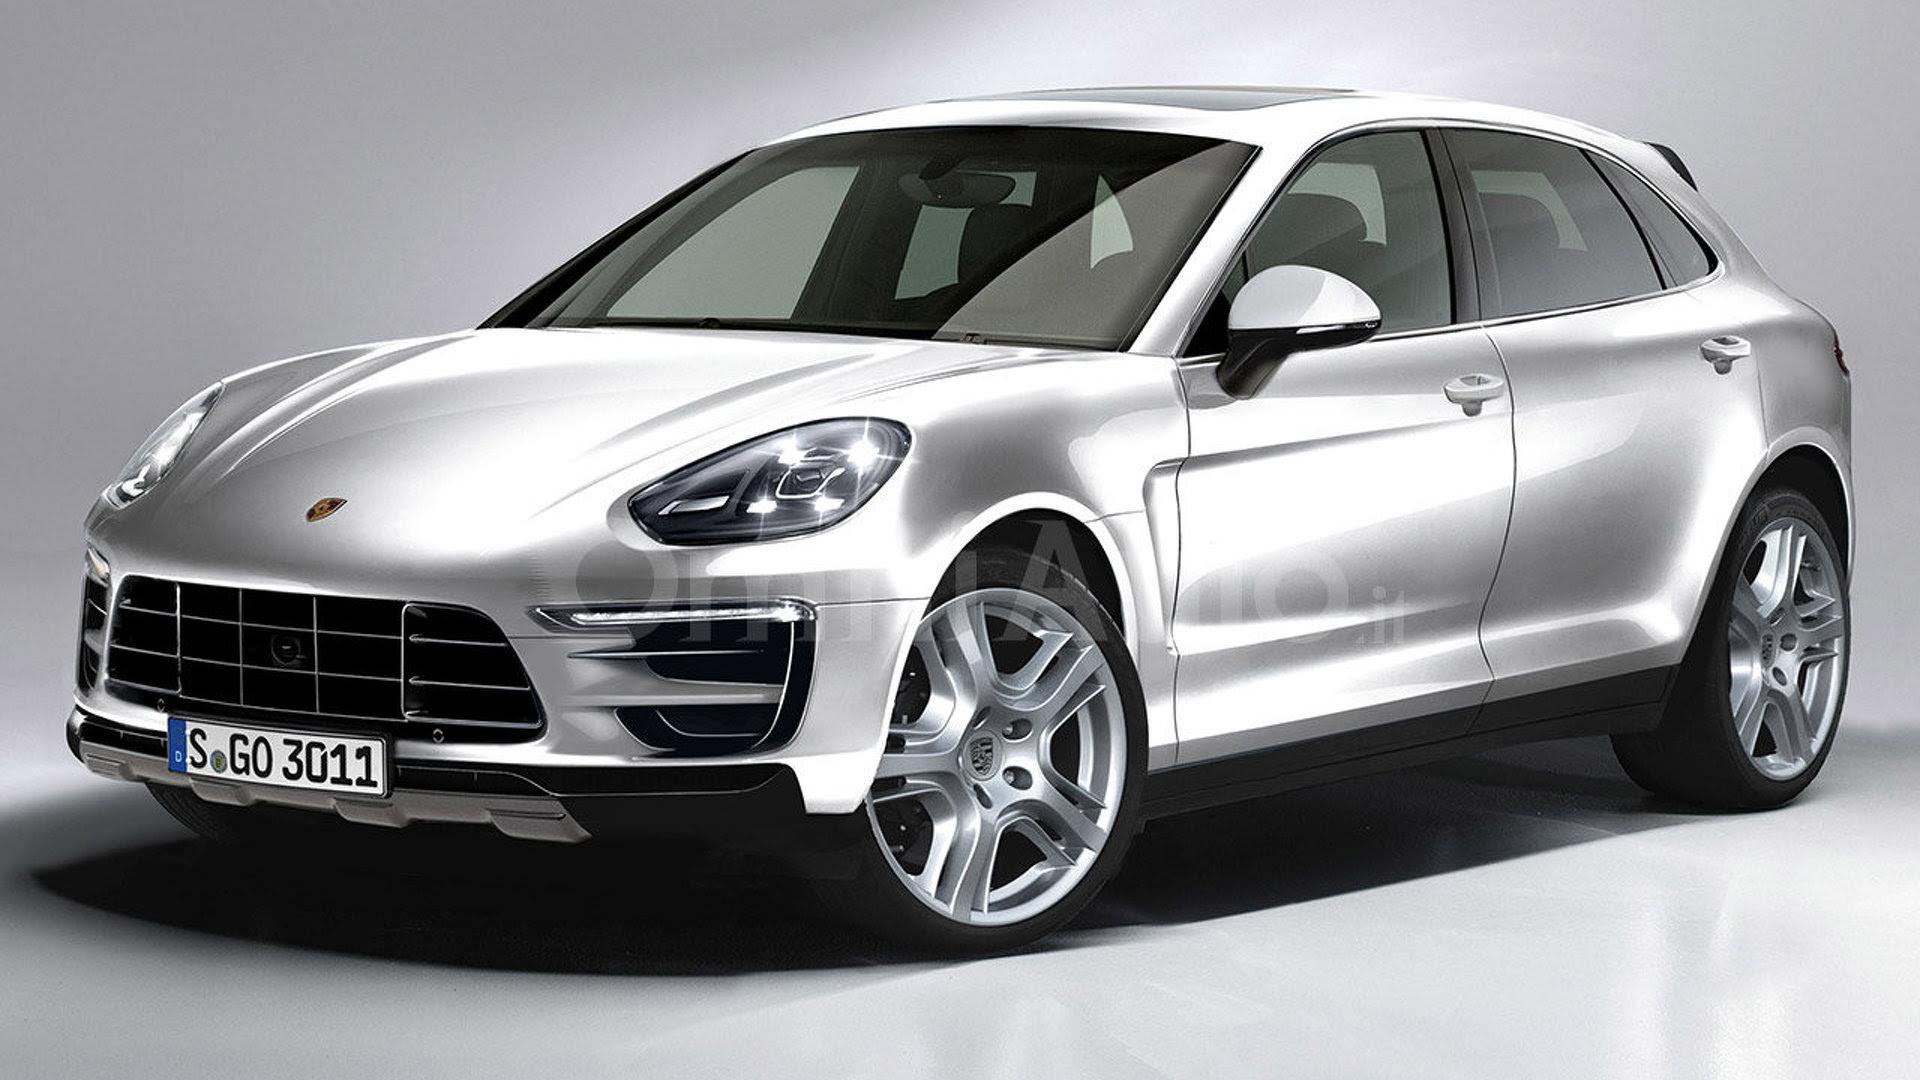 2017 Porsche Cayenne gets rendered   Motor1.com